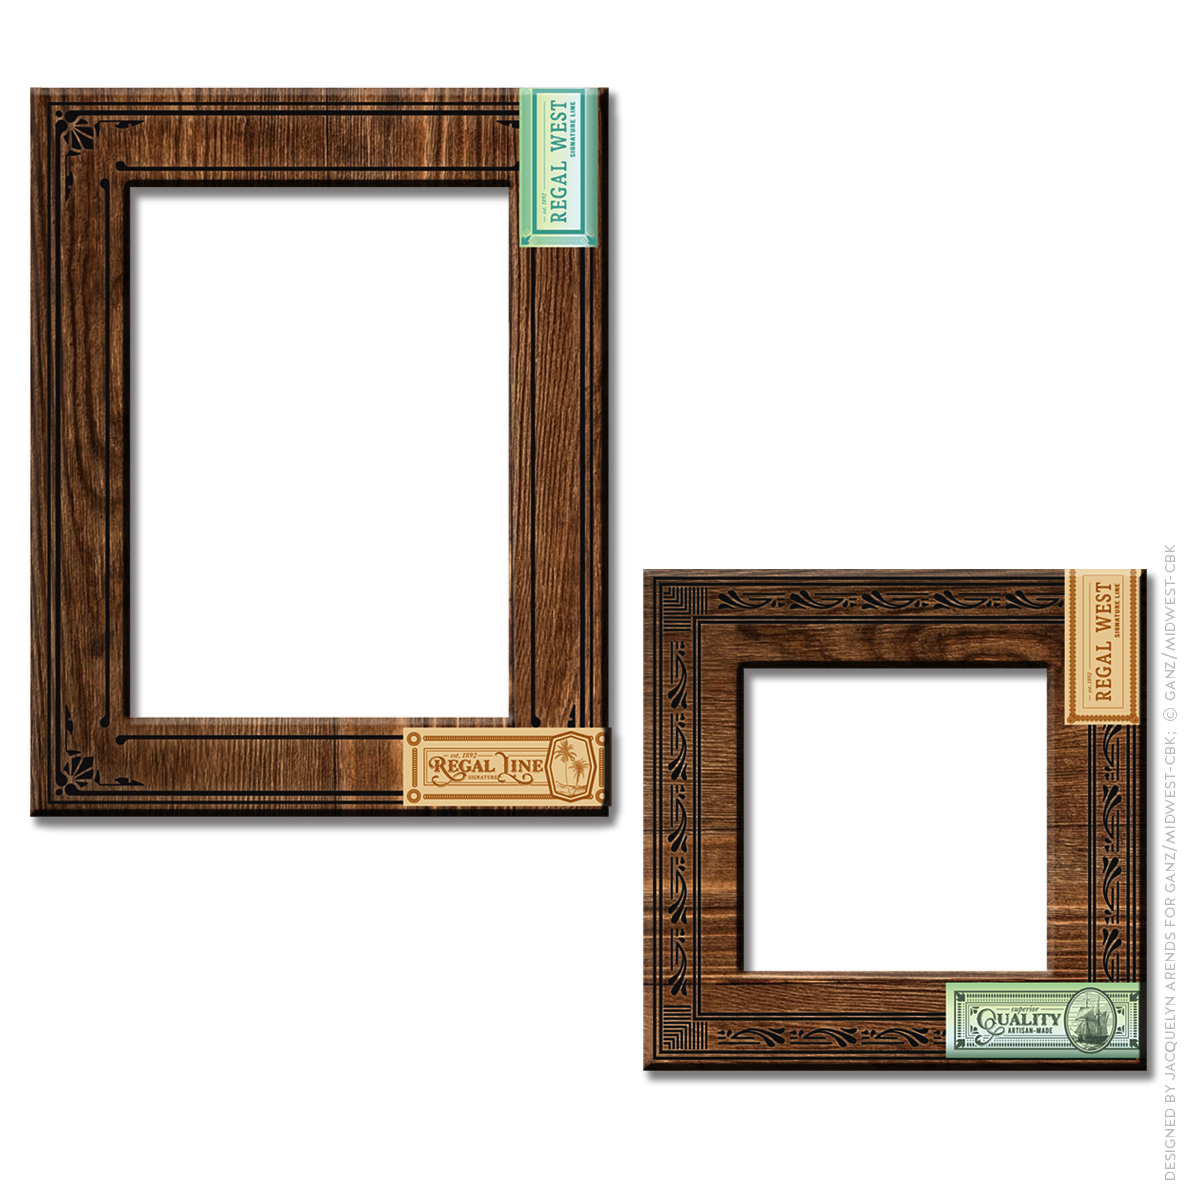 Men's Gift 2018 - cigar box frames; © Ganz/Midwest-CBK 2018